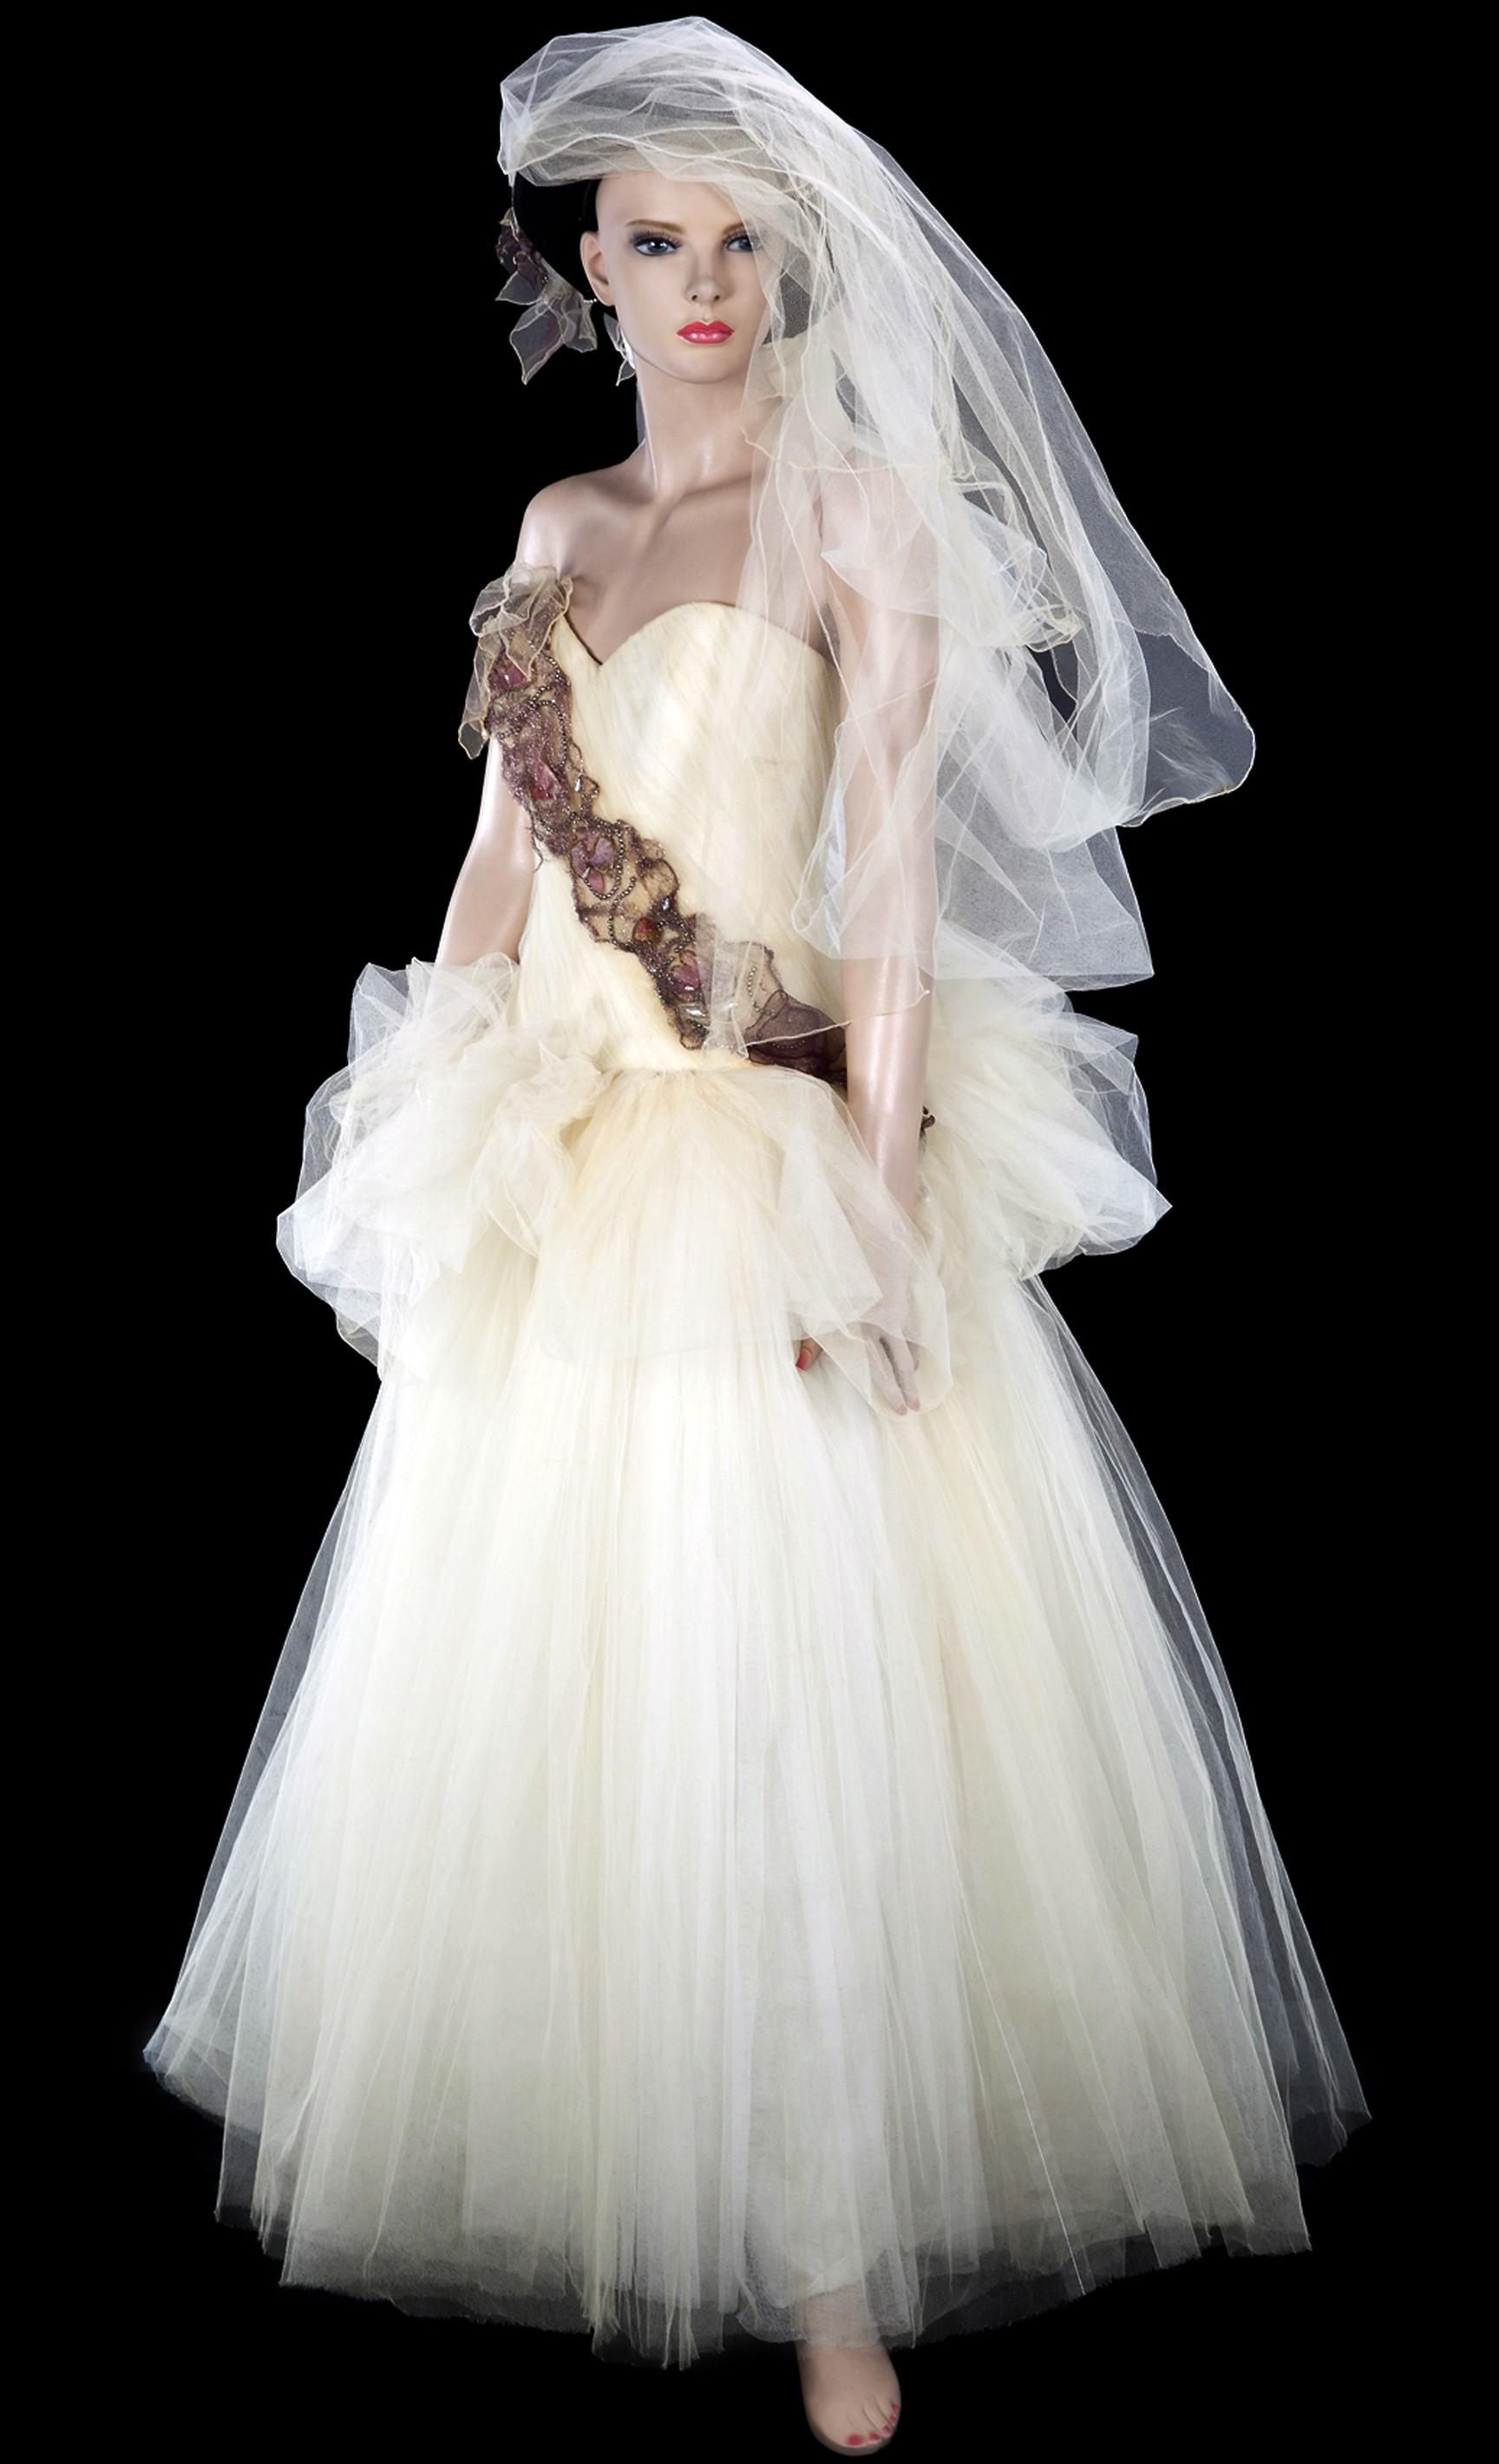 La robe de mariée que portait Madonna quand elle a épousé Sean Penn en 1985